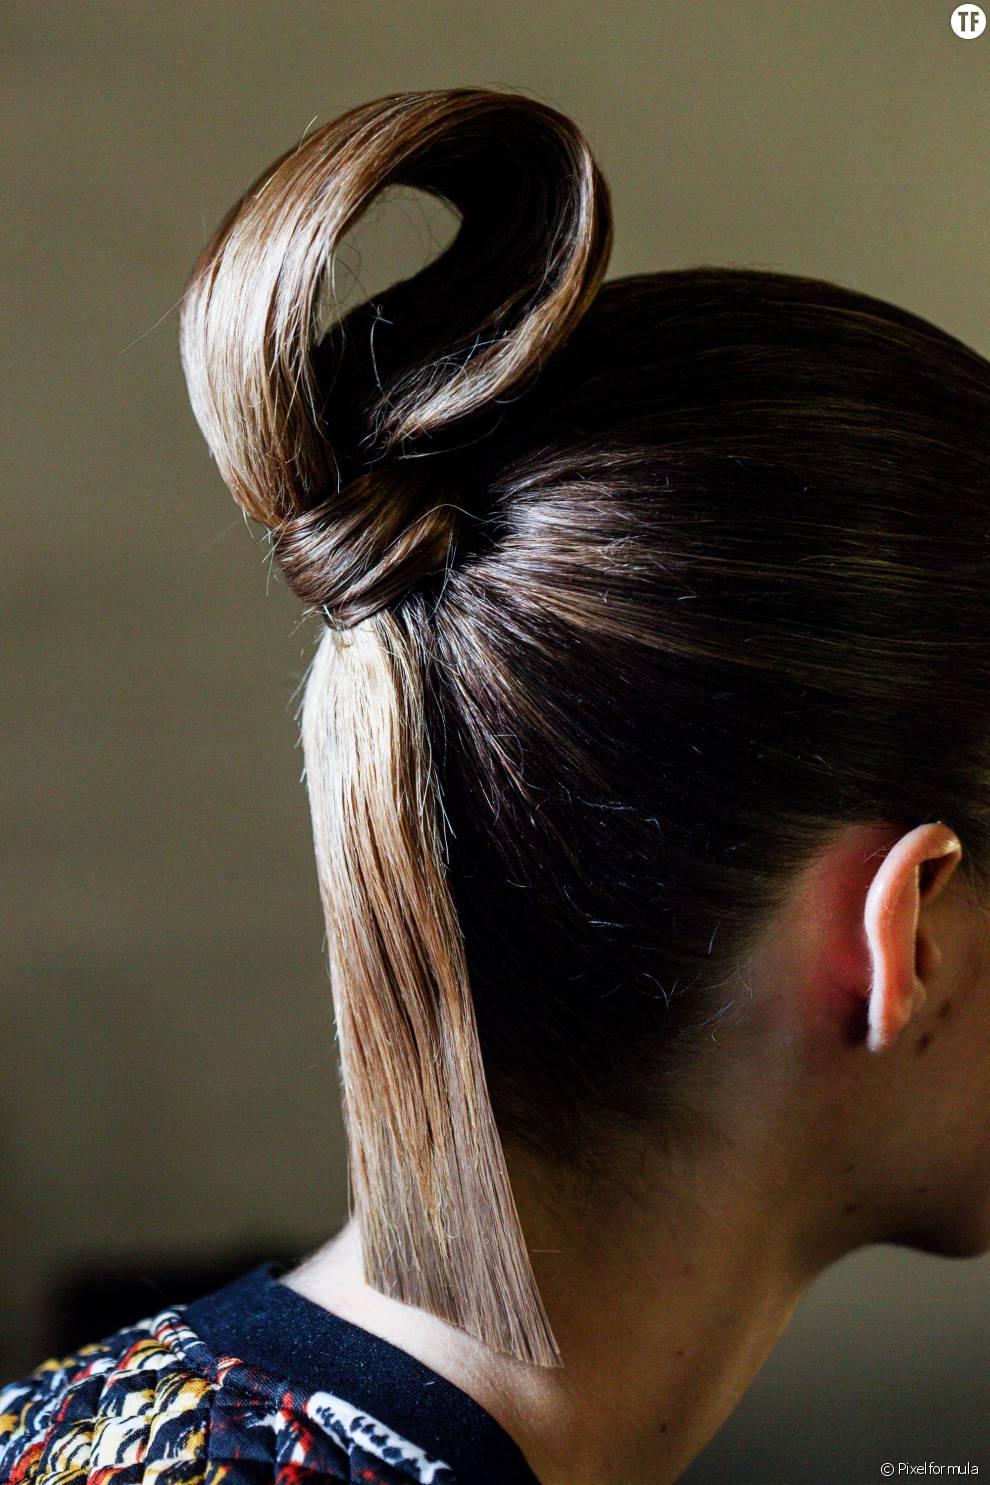 Pour une coiffure ultra sophistiquée, on opte pour cette queue-de-cheval enroulée comme un véritable noeud de marin.